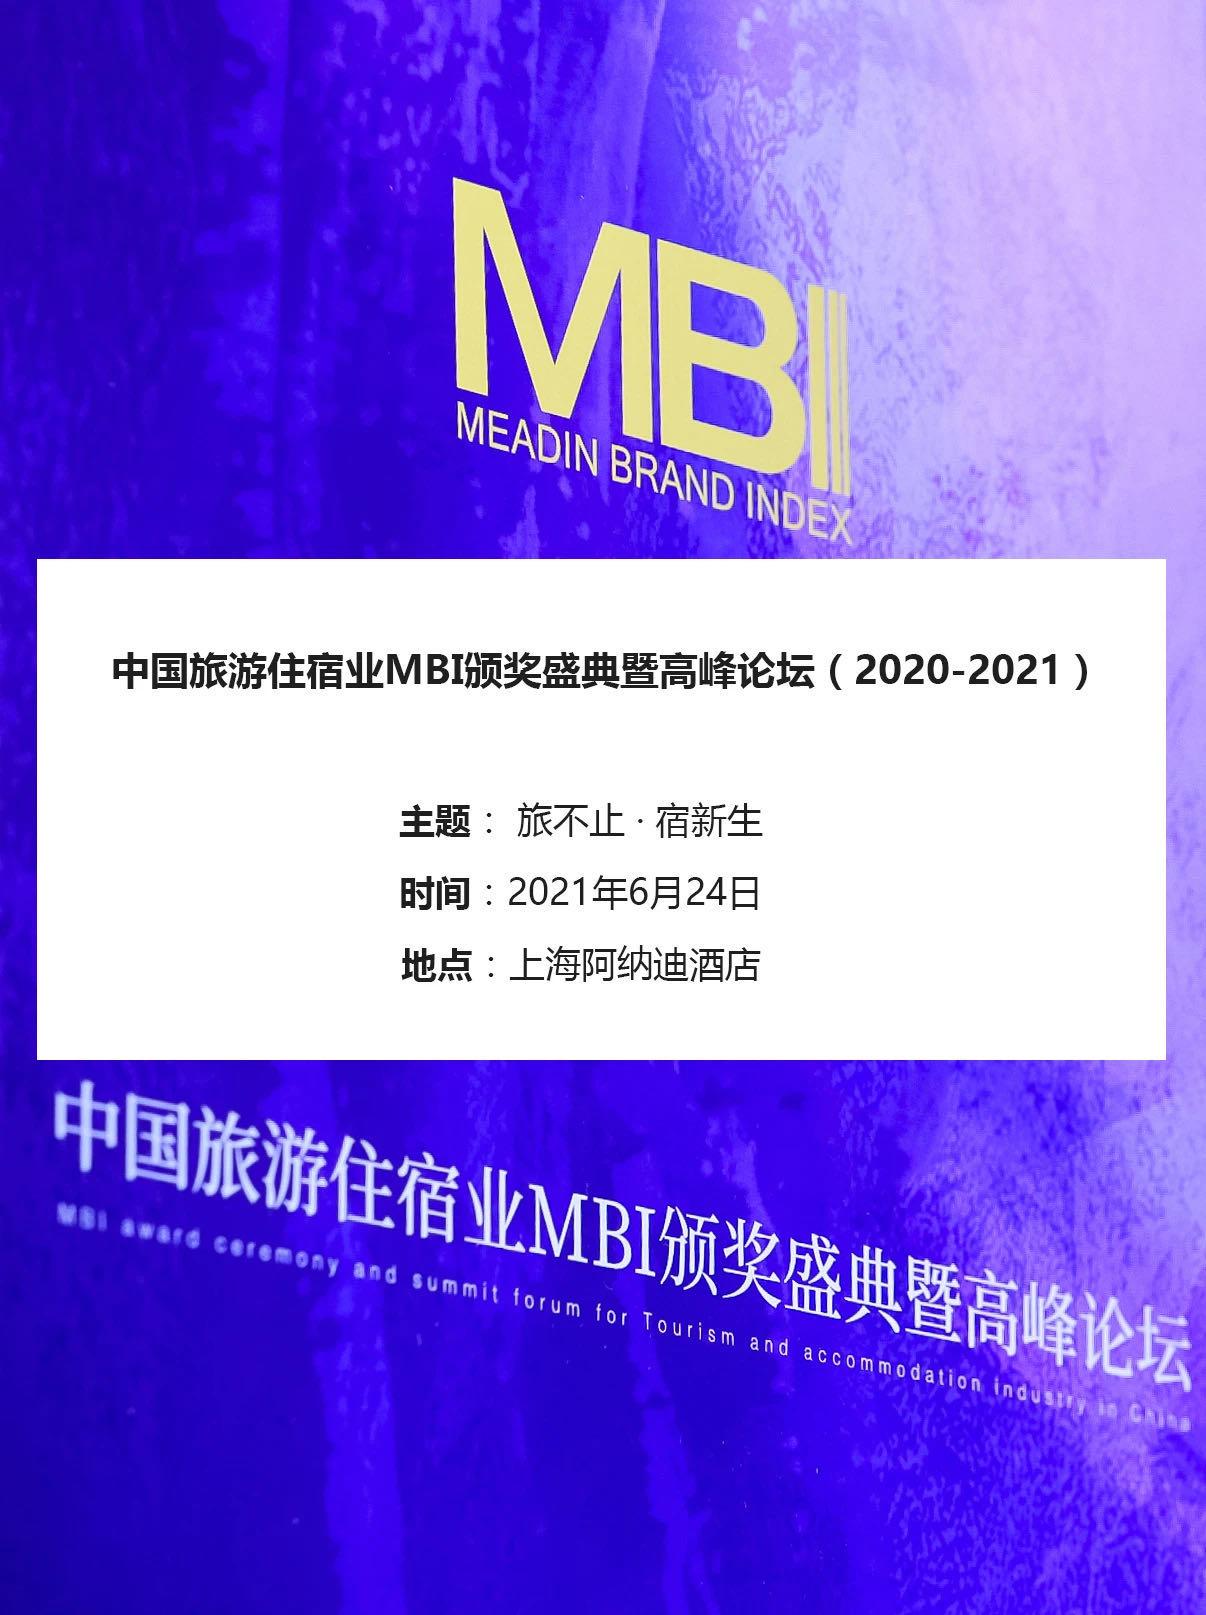 微信图片_20210330114420.jpg